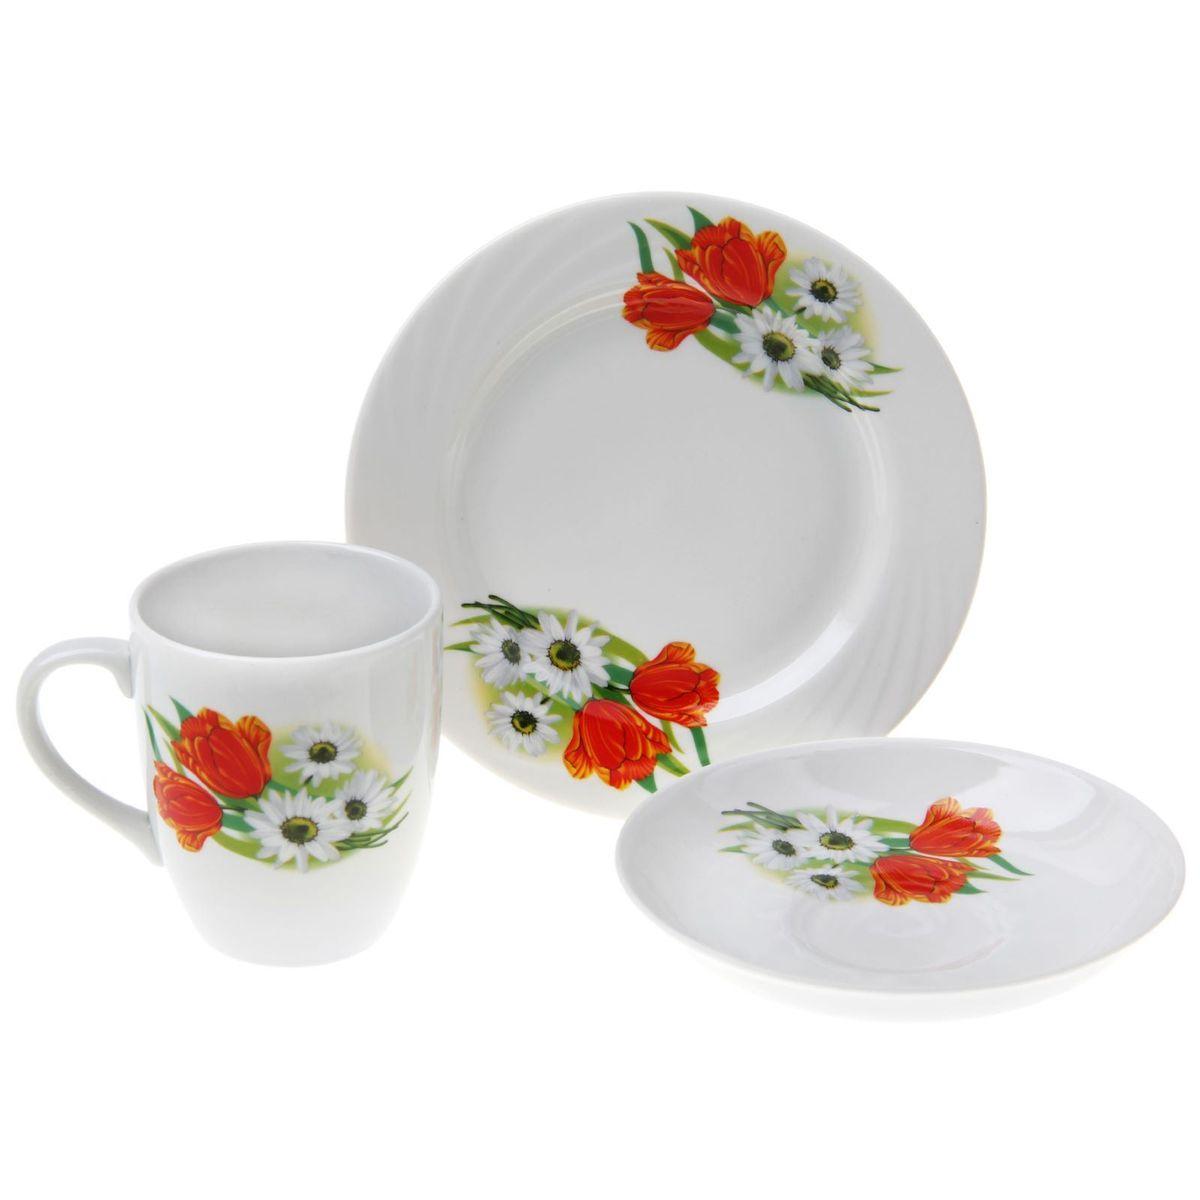 Набор столовой посуды Ромашка с тюльпаном, 3 предмета1303792Набор столовой посуды Ромашка с тюльпаном состоит из кружки, тарелки и блюдца. Изделия выполнены из высококачественного фарфора и оформлены ярким рисунком. Такой набор посуды прекрасно подходит как для торжественных случаев, так и для повседневного использования. Стильный дизайн изящно украсит сервировку стола. Объем кружки: 300 мл.